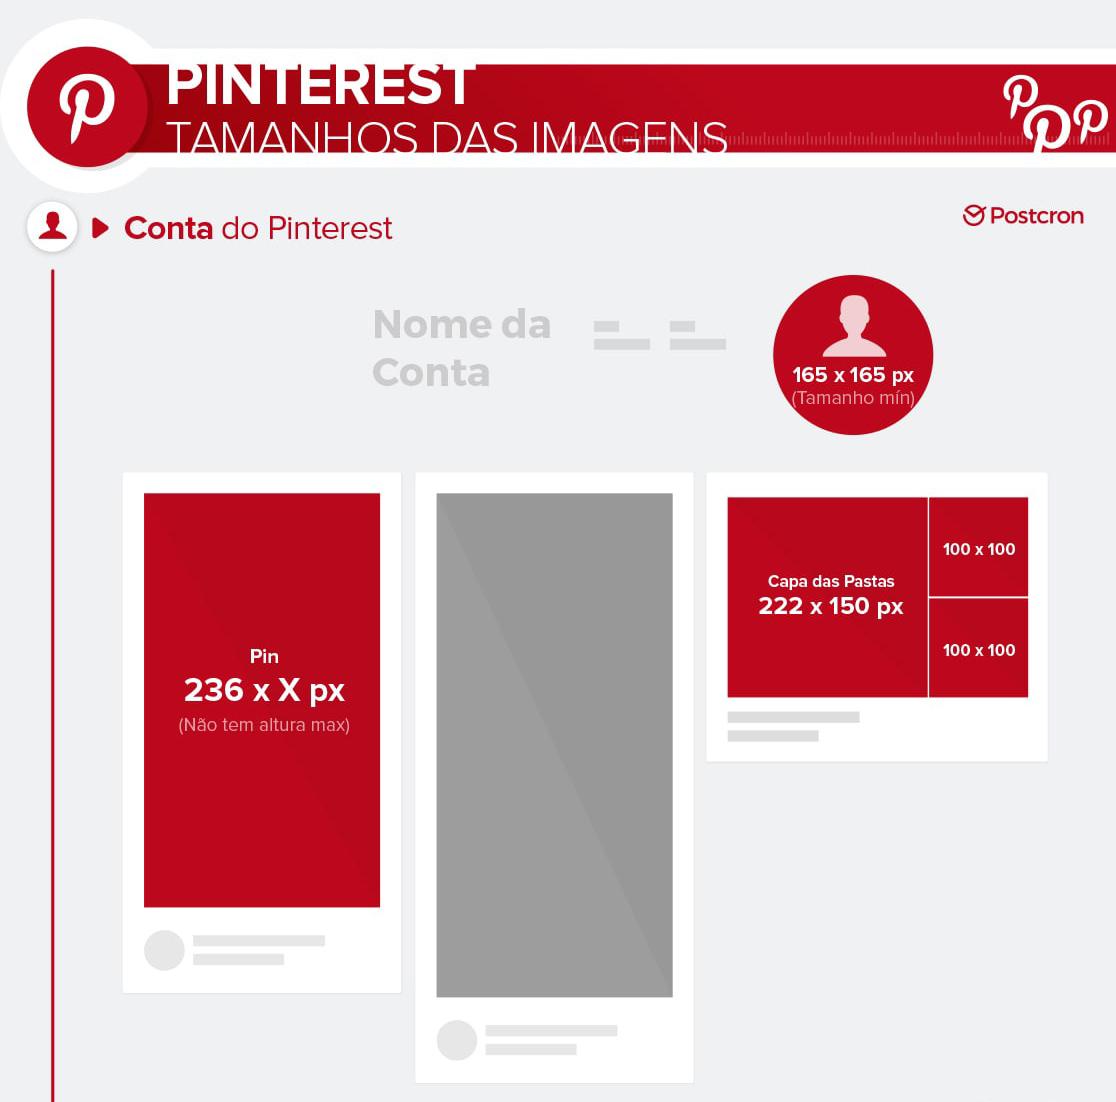 Dimensões-das-imagens-para-o-Pinterest-2018